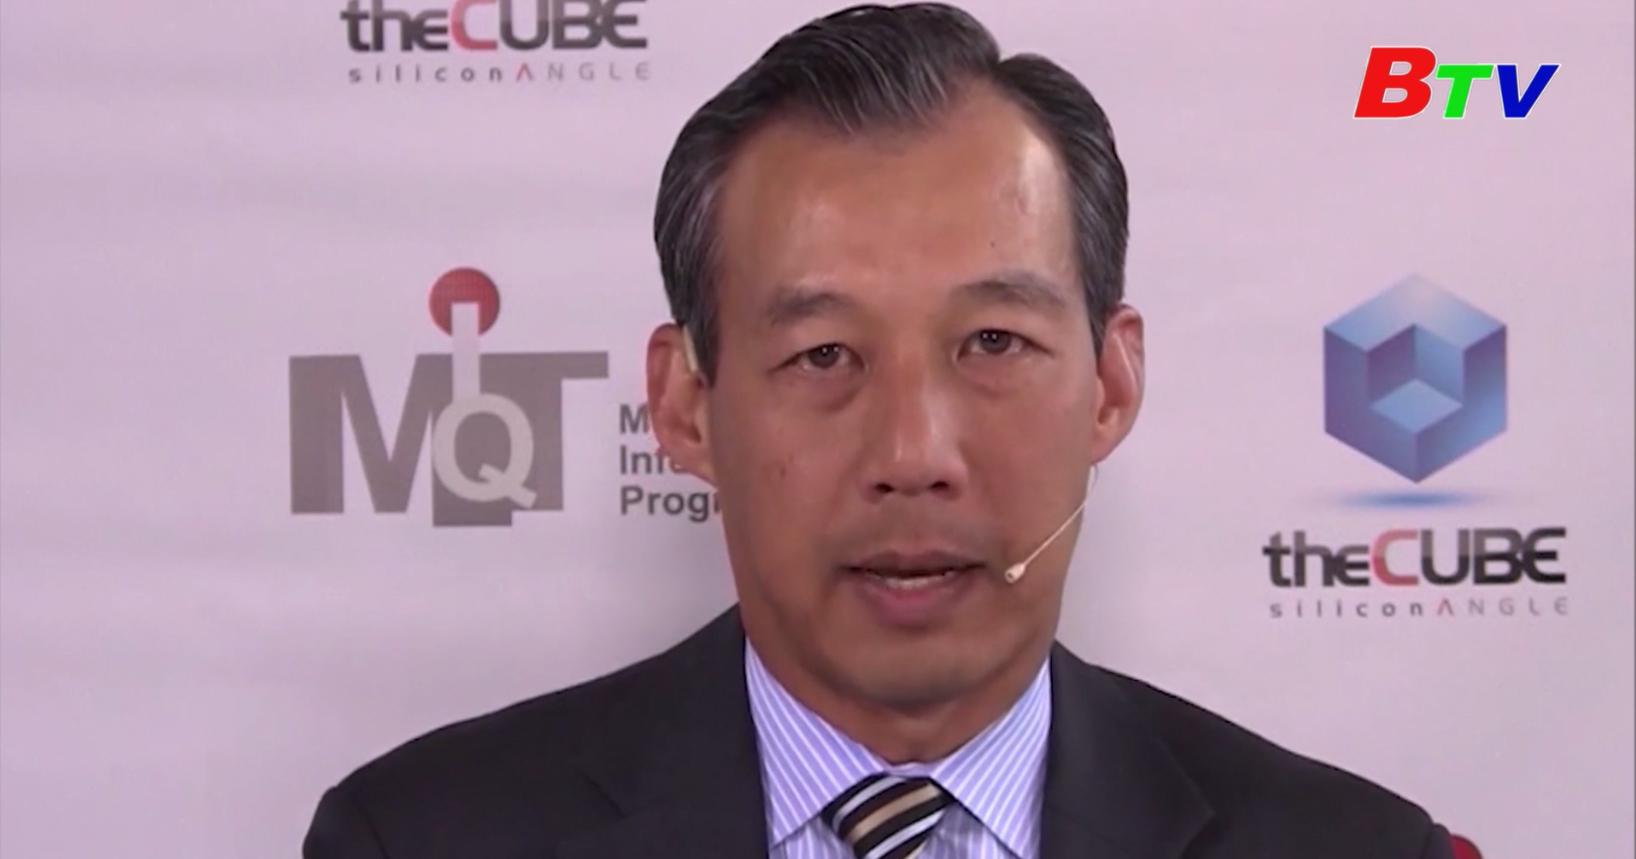 Một người gốc Việt được Tổng thống Biden bổ nhiệm làm quyền Bộ trưởng